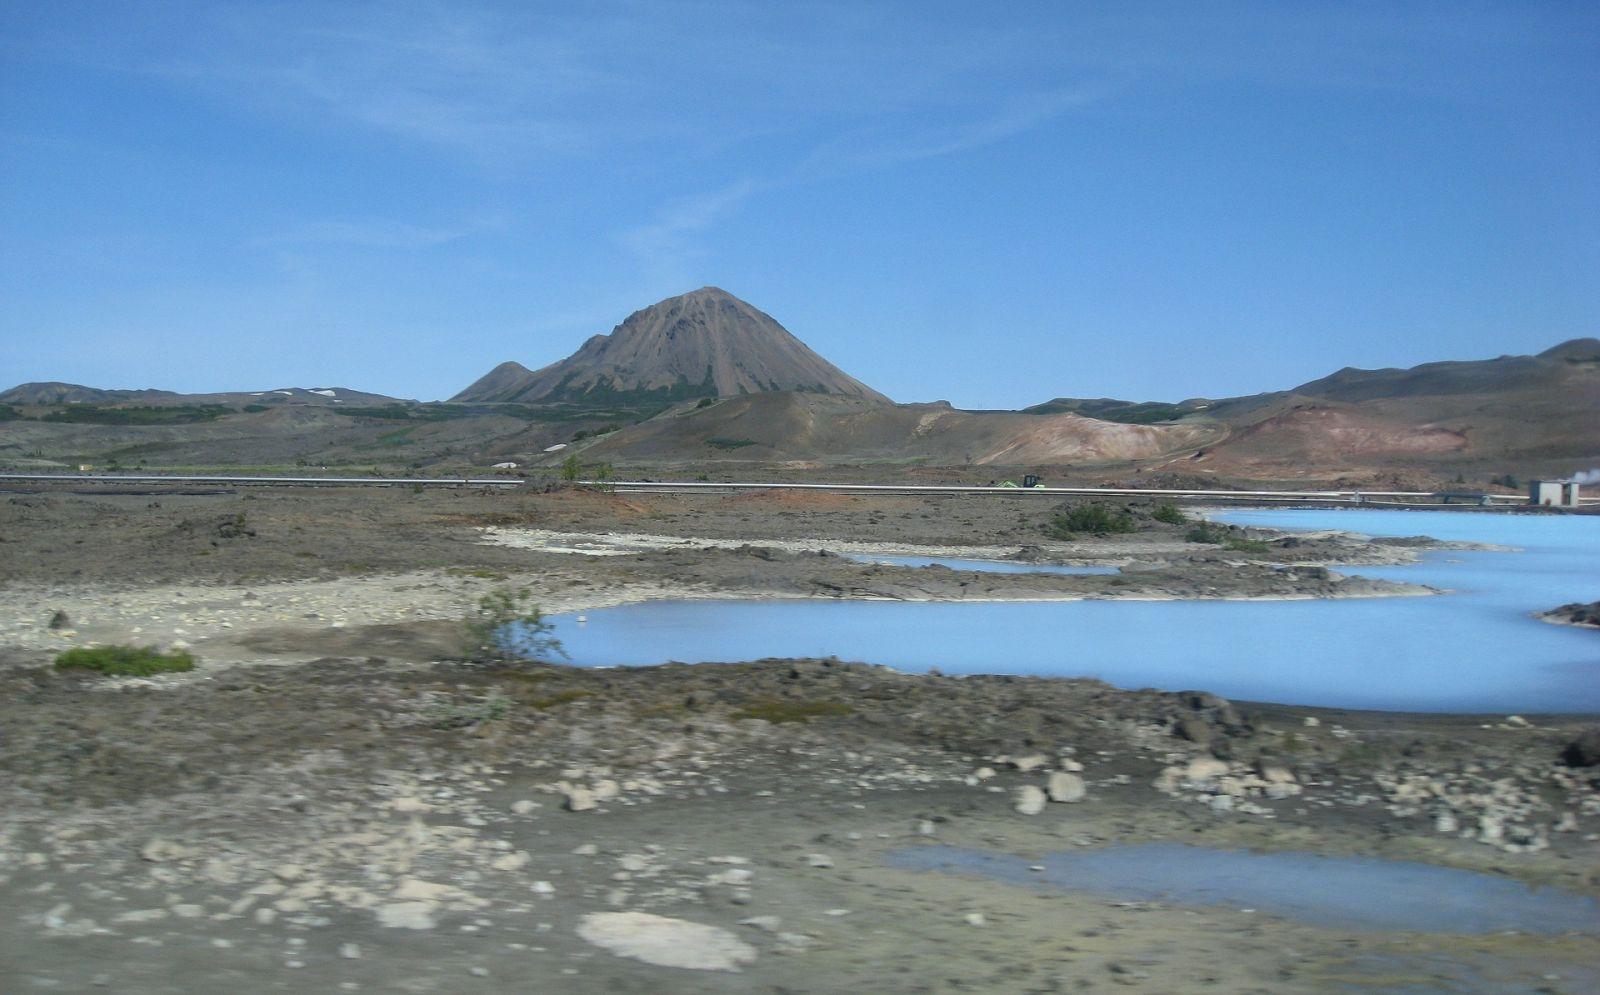 Mývatn biedt water, wandelpaden, paardrijden en veel natuurschoon.